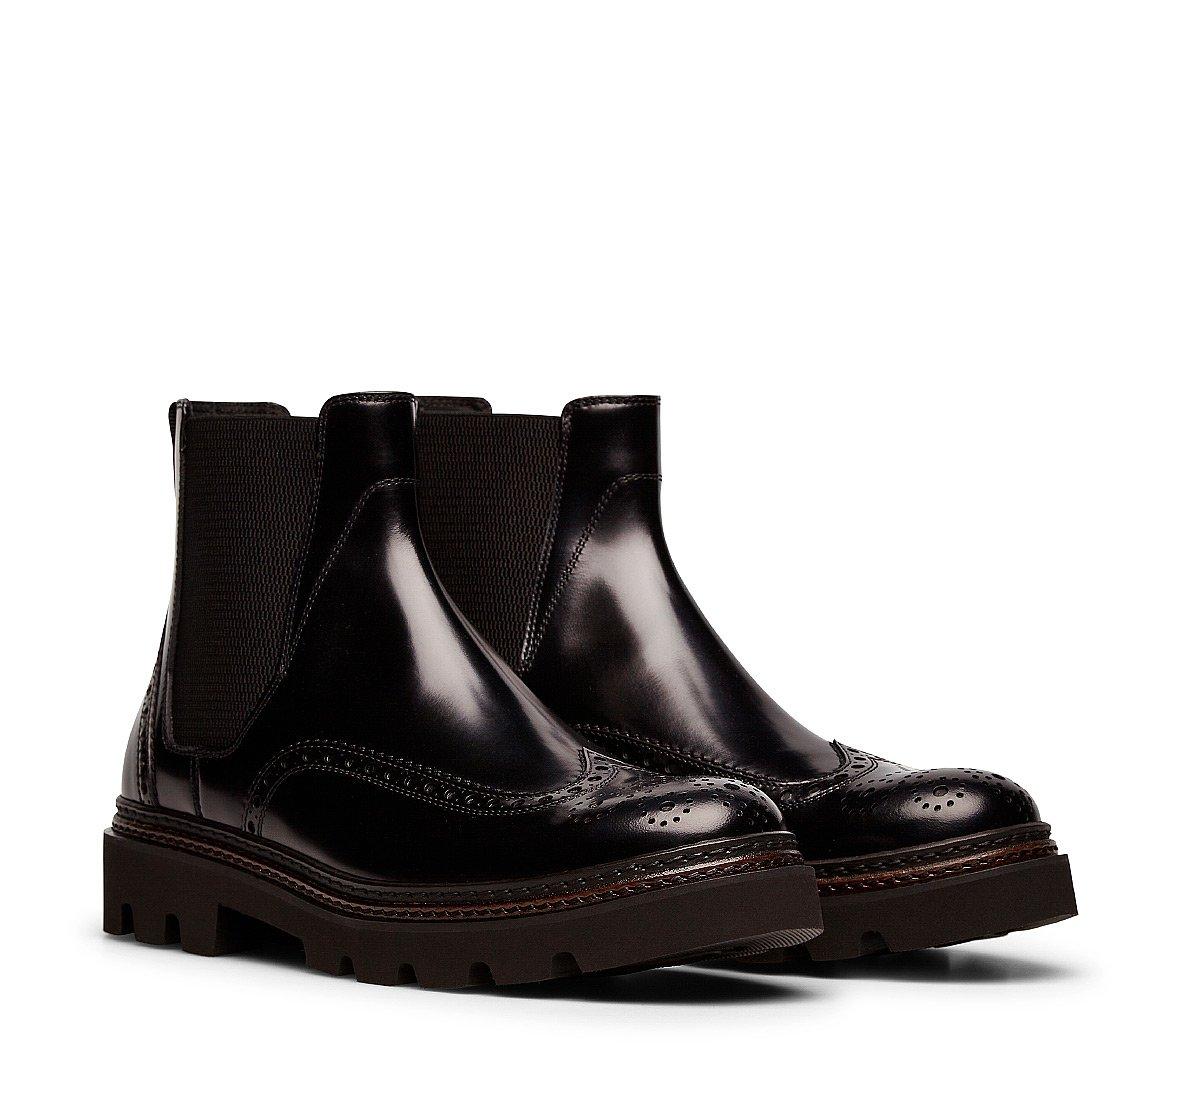 Buffed calfskin Beatle boots